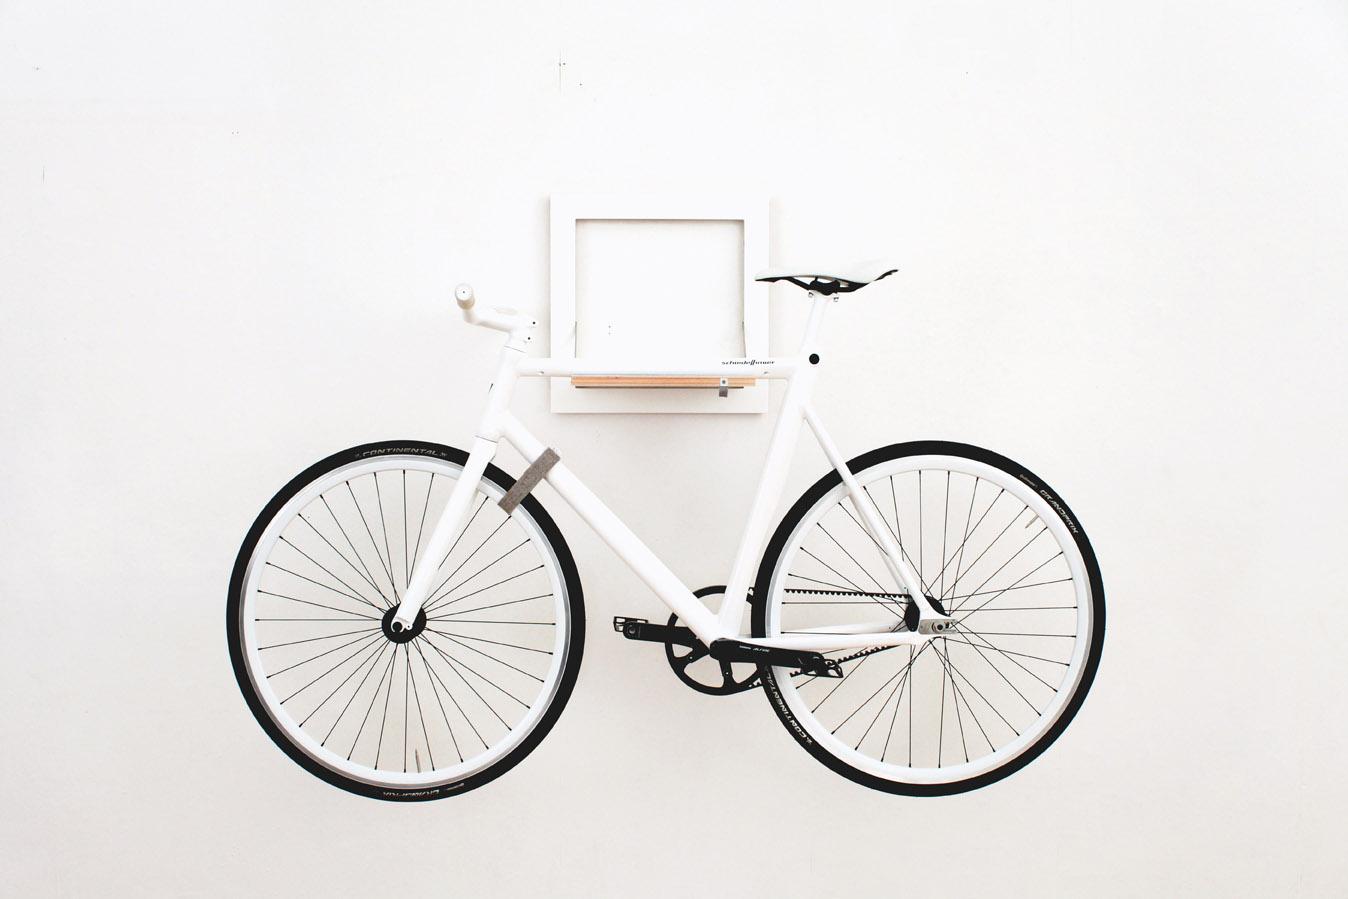 sl t bike hook by studio mikili. Black Bedroom Furniture Sets. Home Design Ideas